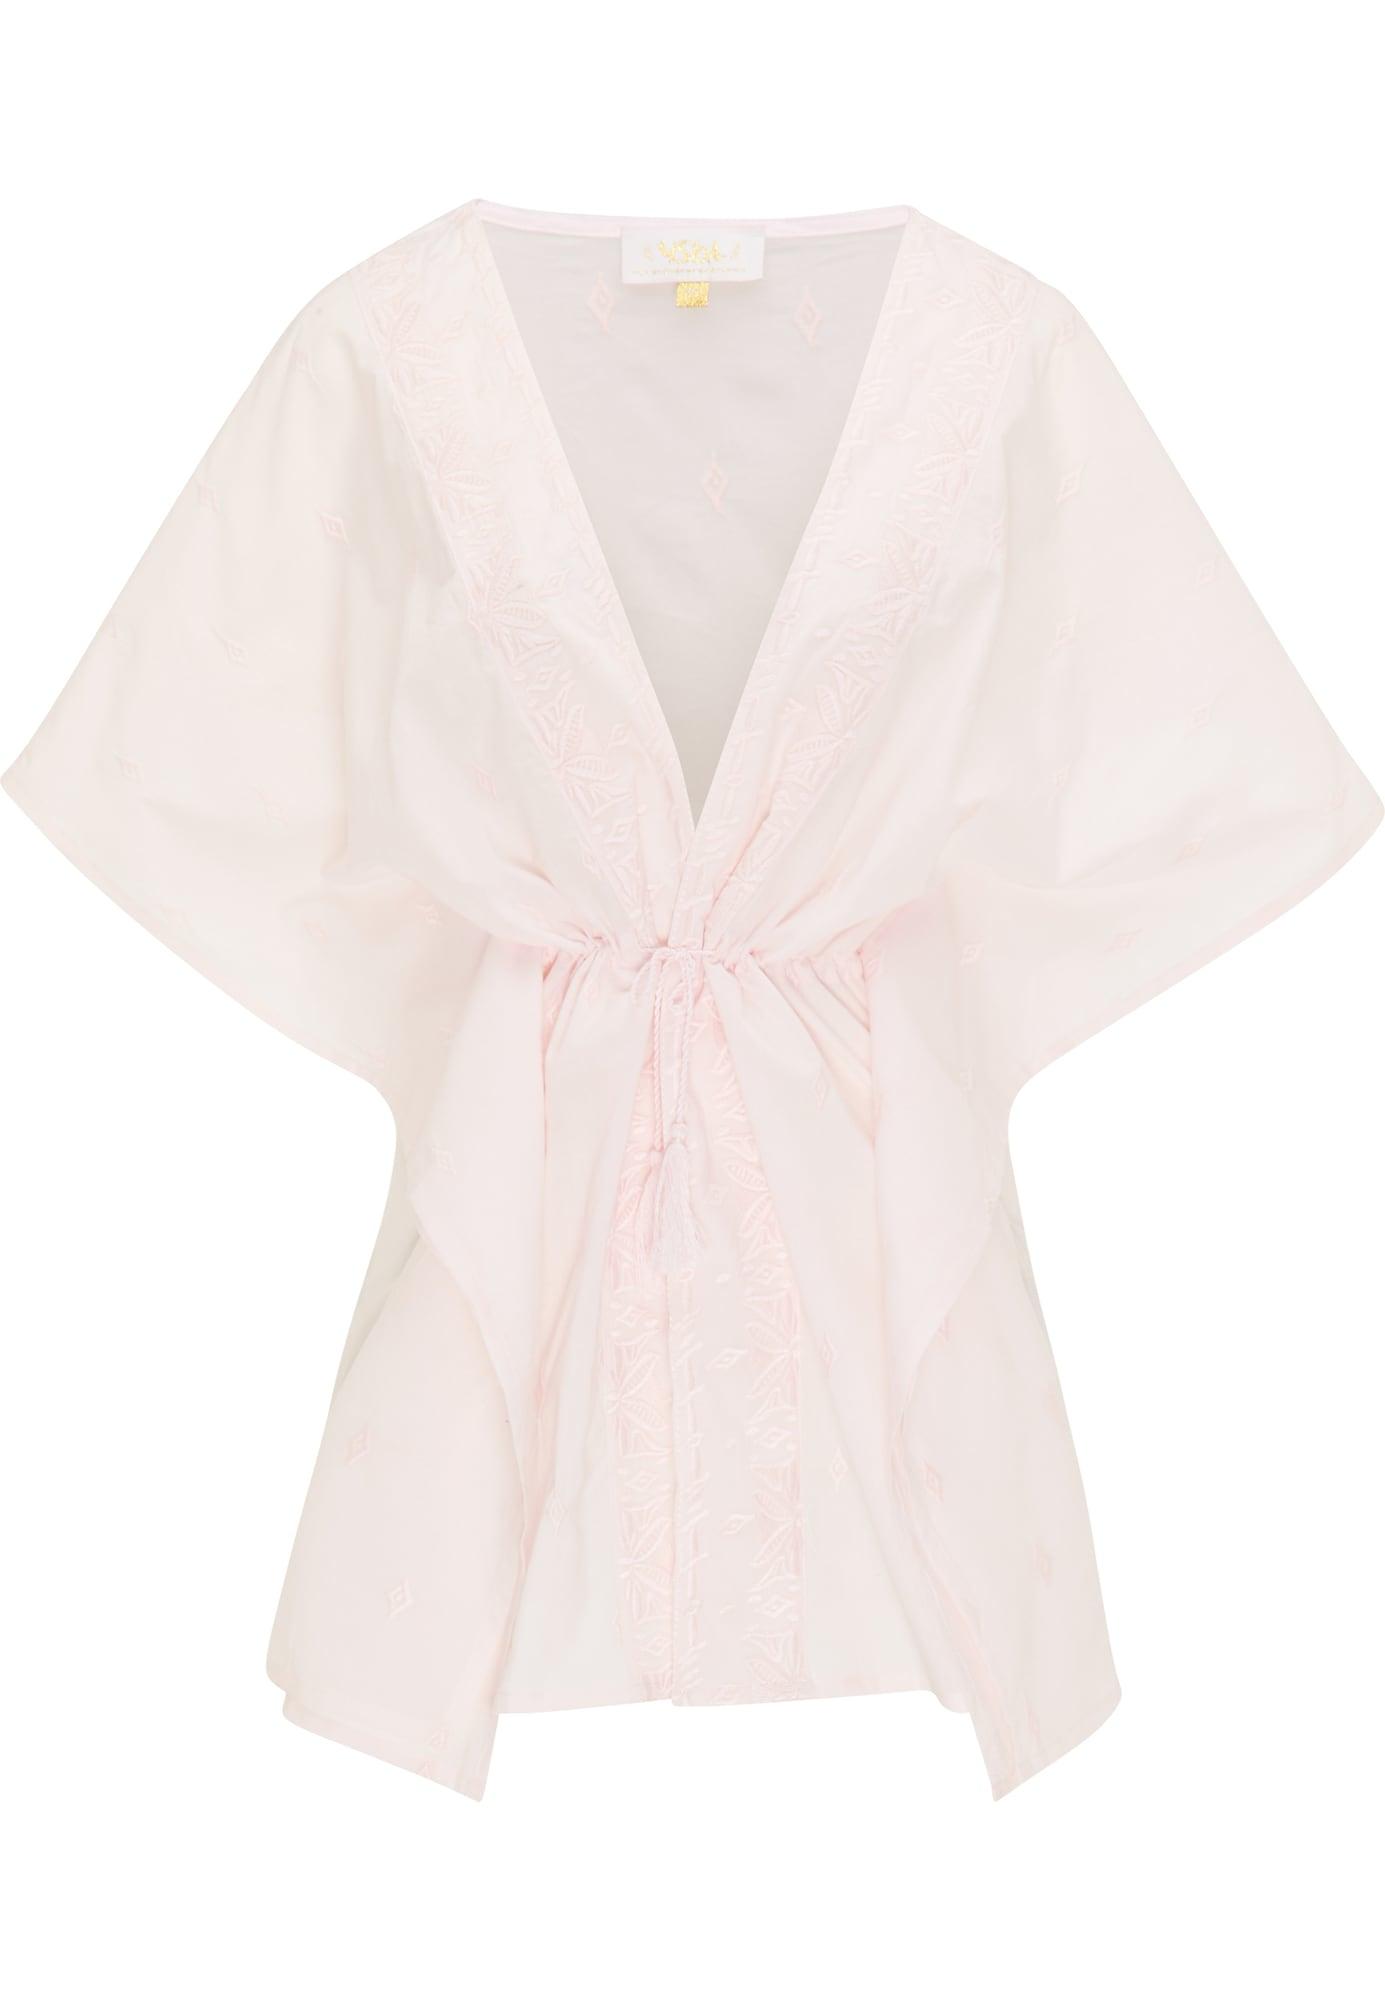 usha FESTIVAL Kimono ryškiai rožinė spalva